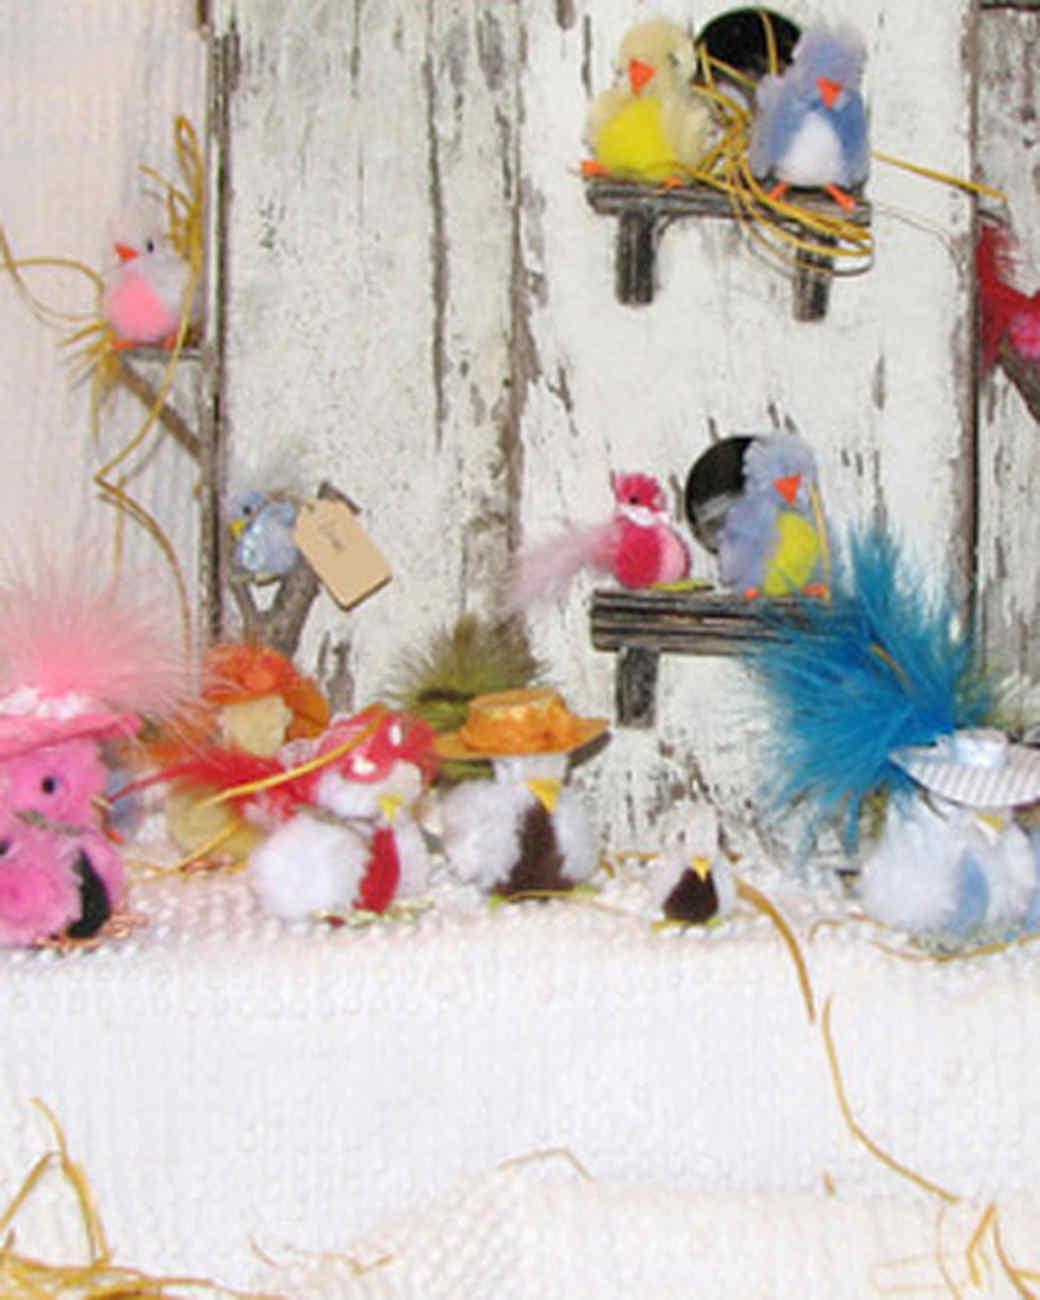 ew_march08_chicks203_4ms.jpg